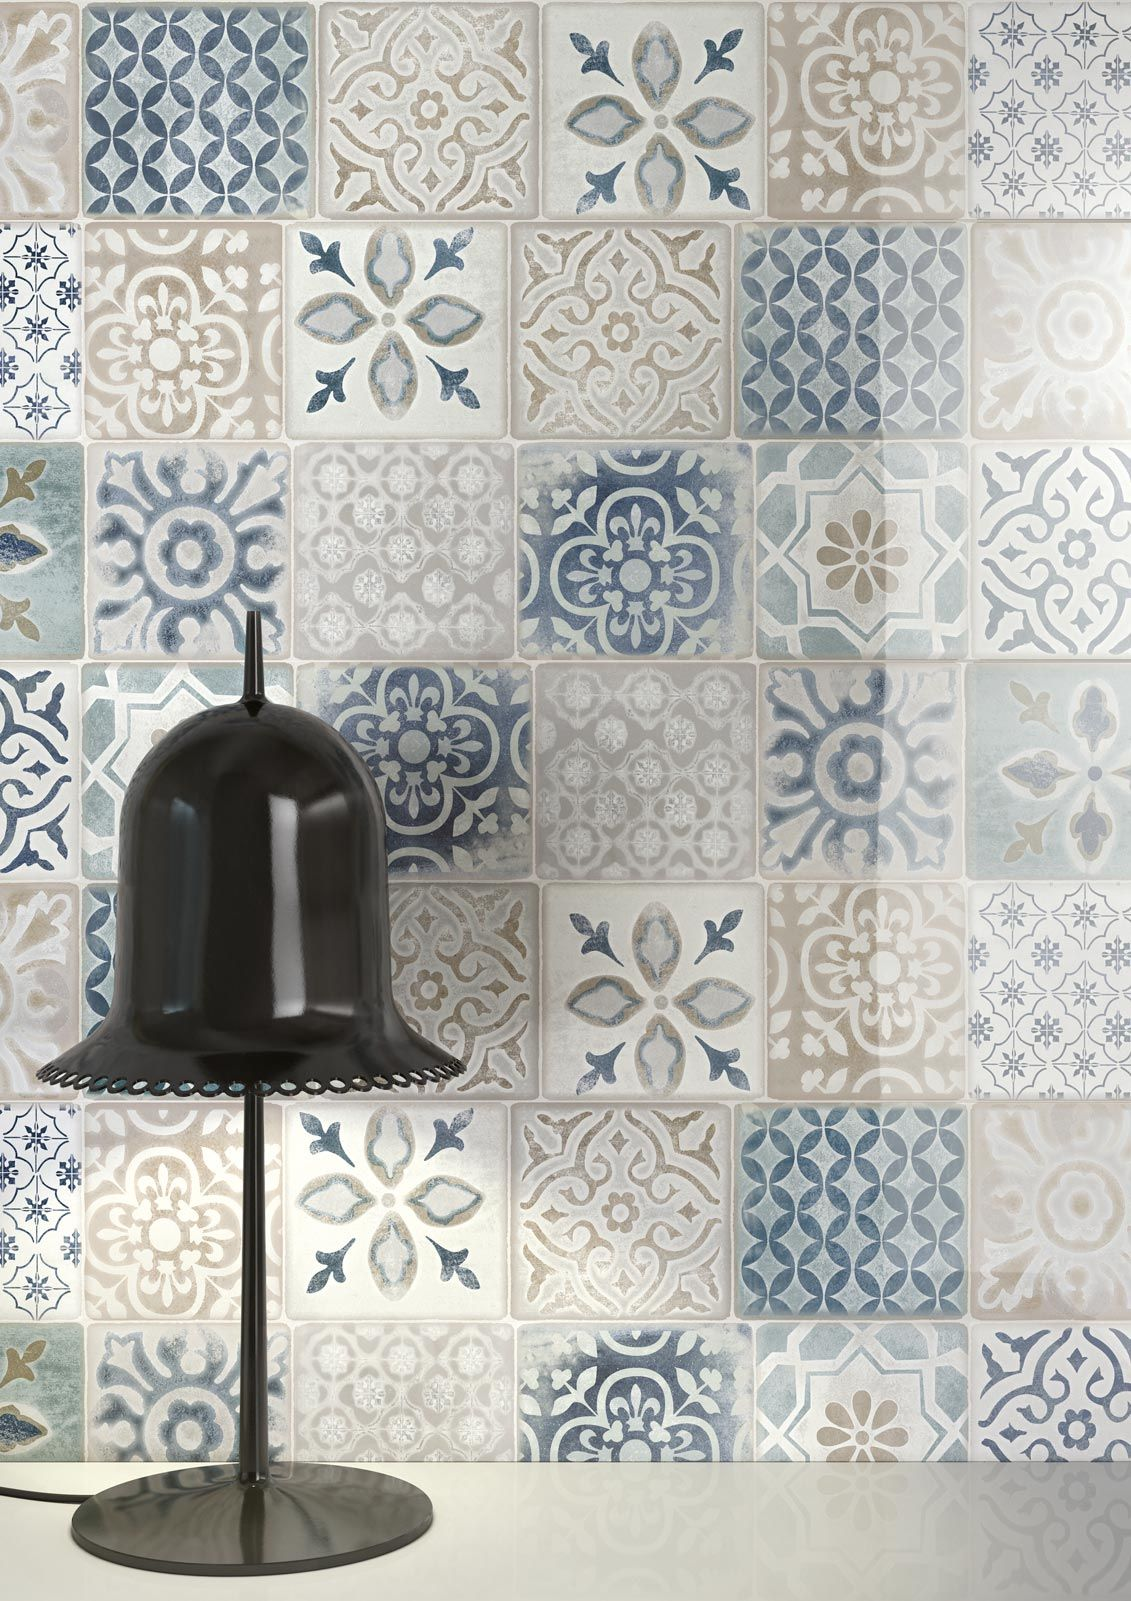 aqua mix decor wall tile #porcelain | new arrivals | pinterest